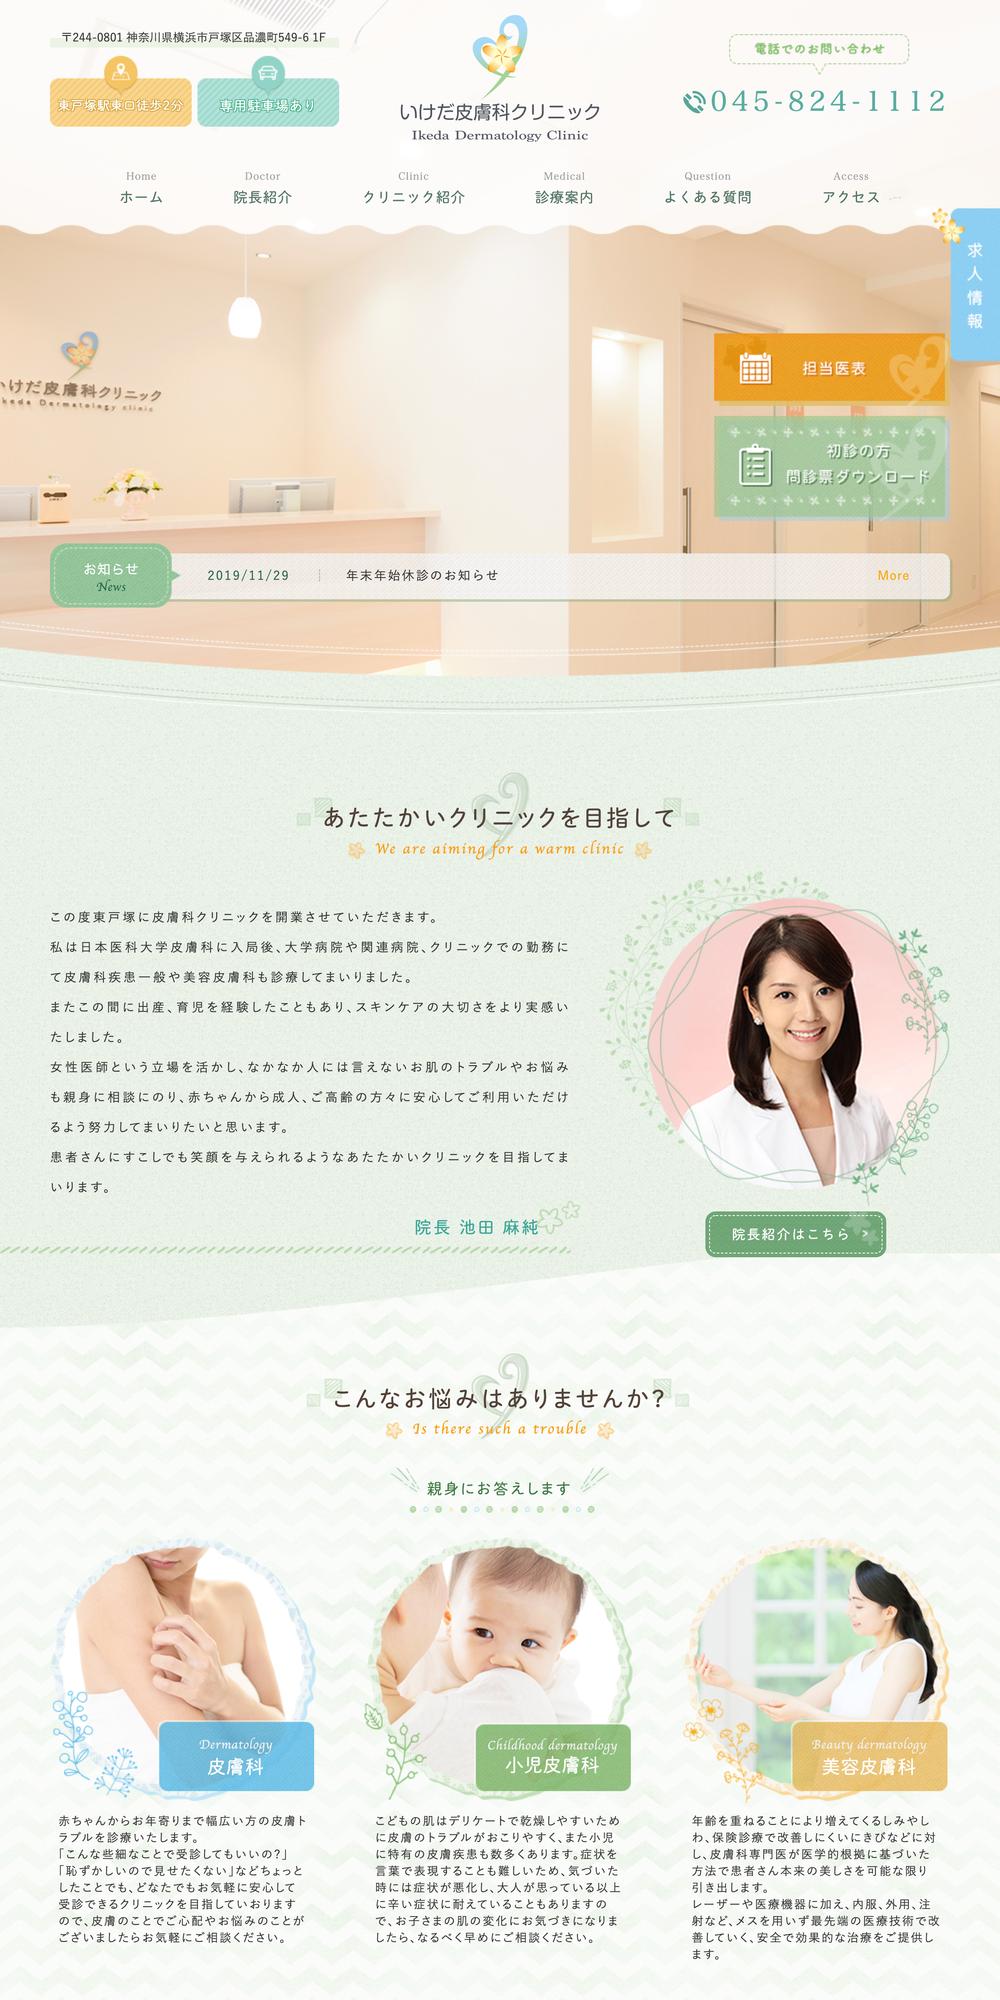 病院 クリニック おしゃれまとめの人気アイデア Pinterest Taro Sanko Lp デザイン 医療デザイン コーポレートサイト デザイン